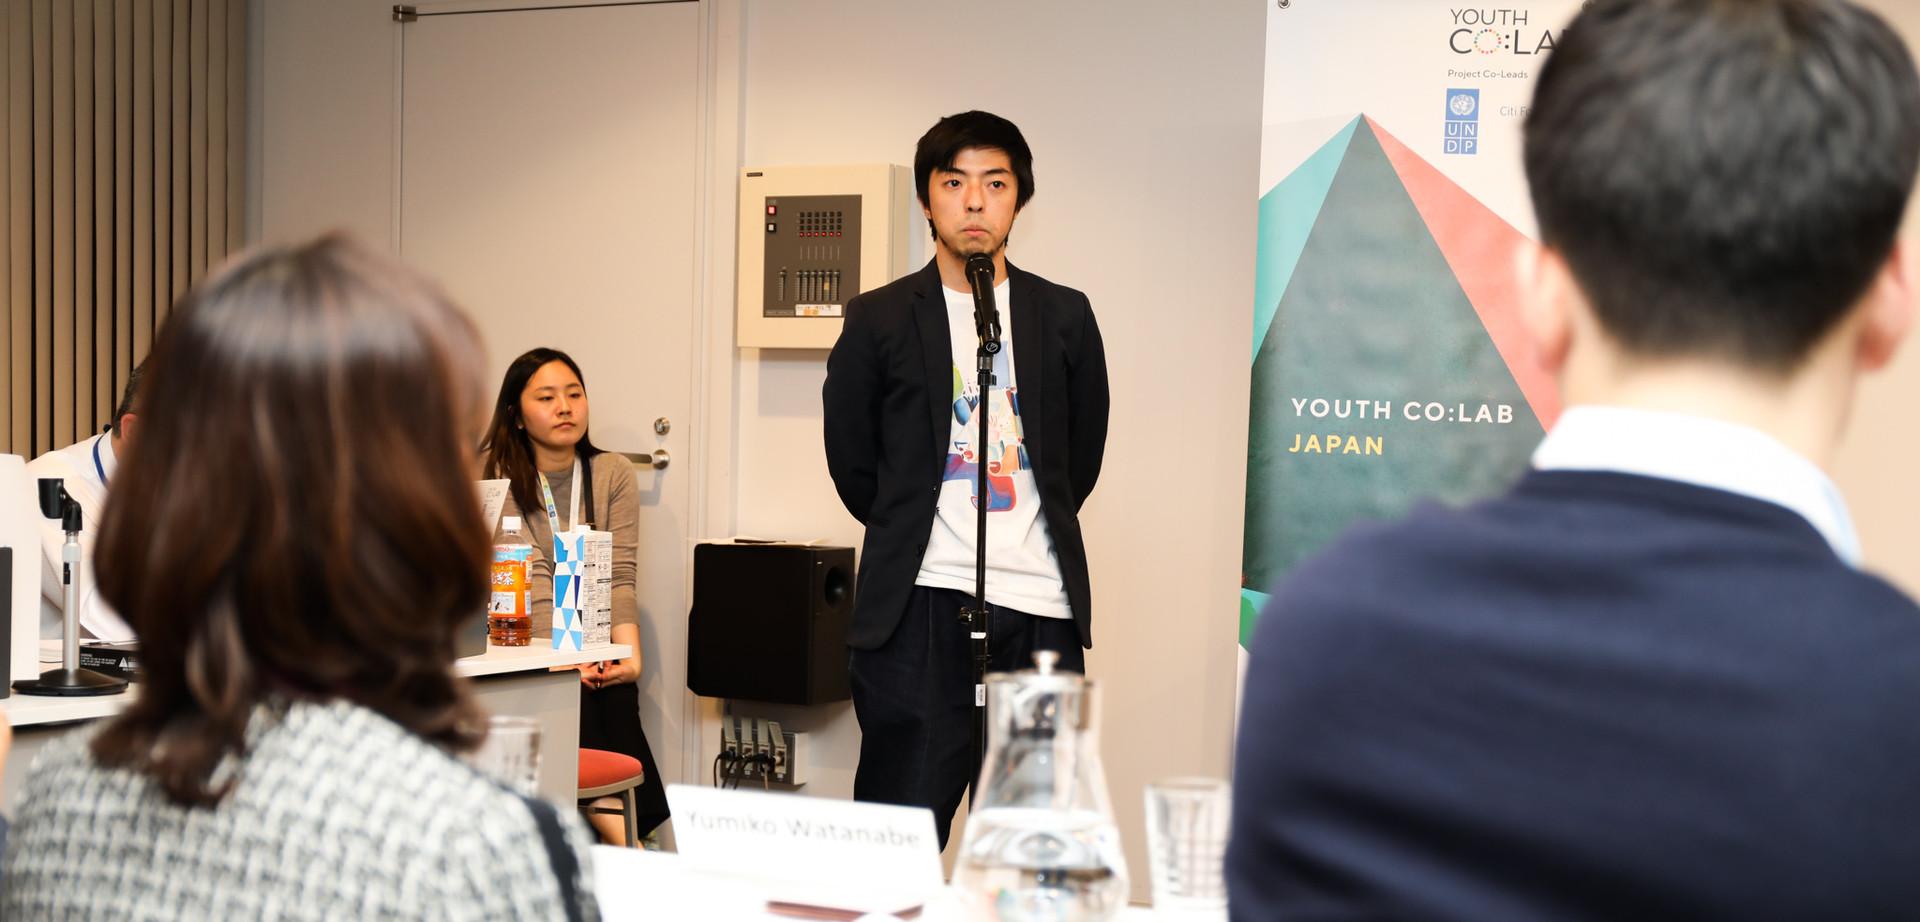 Japan National Dialogue 2019